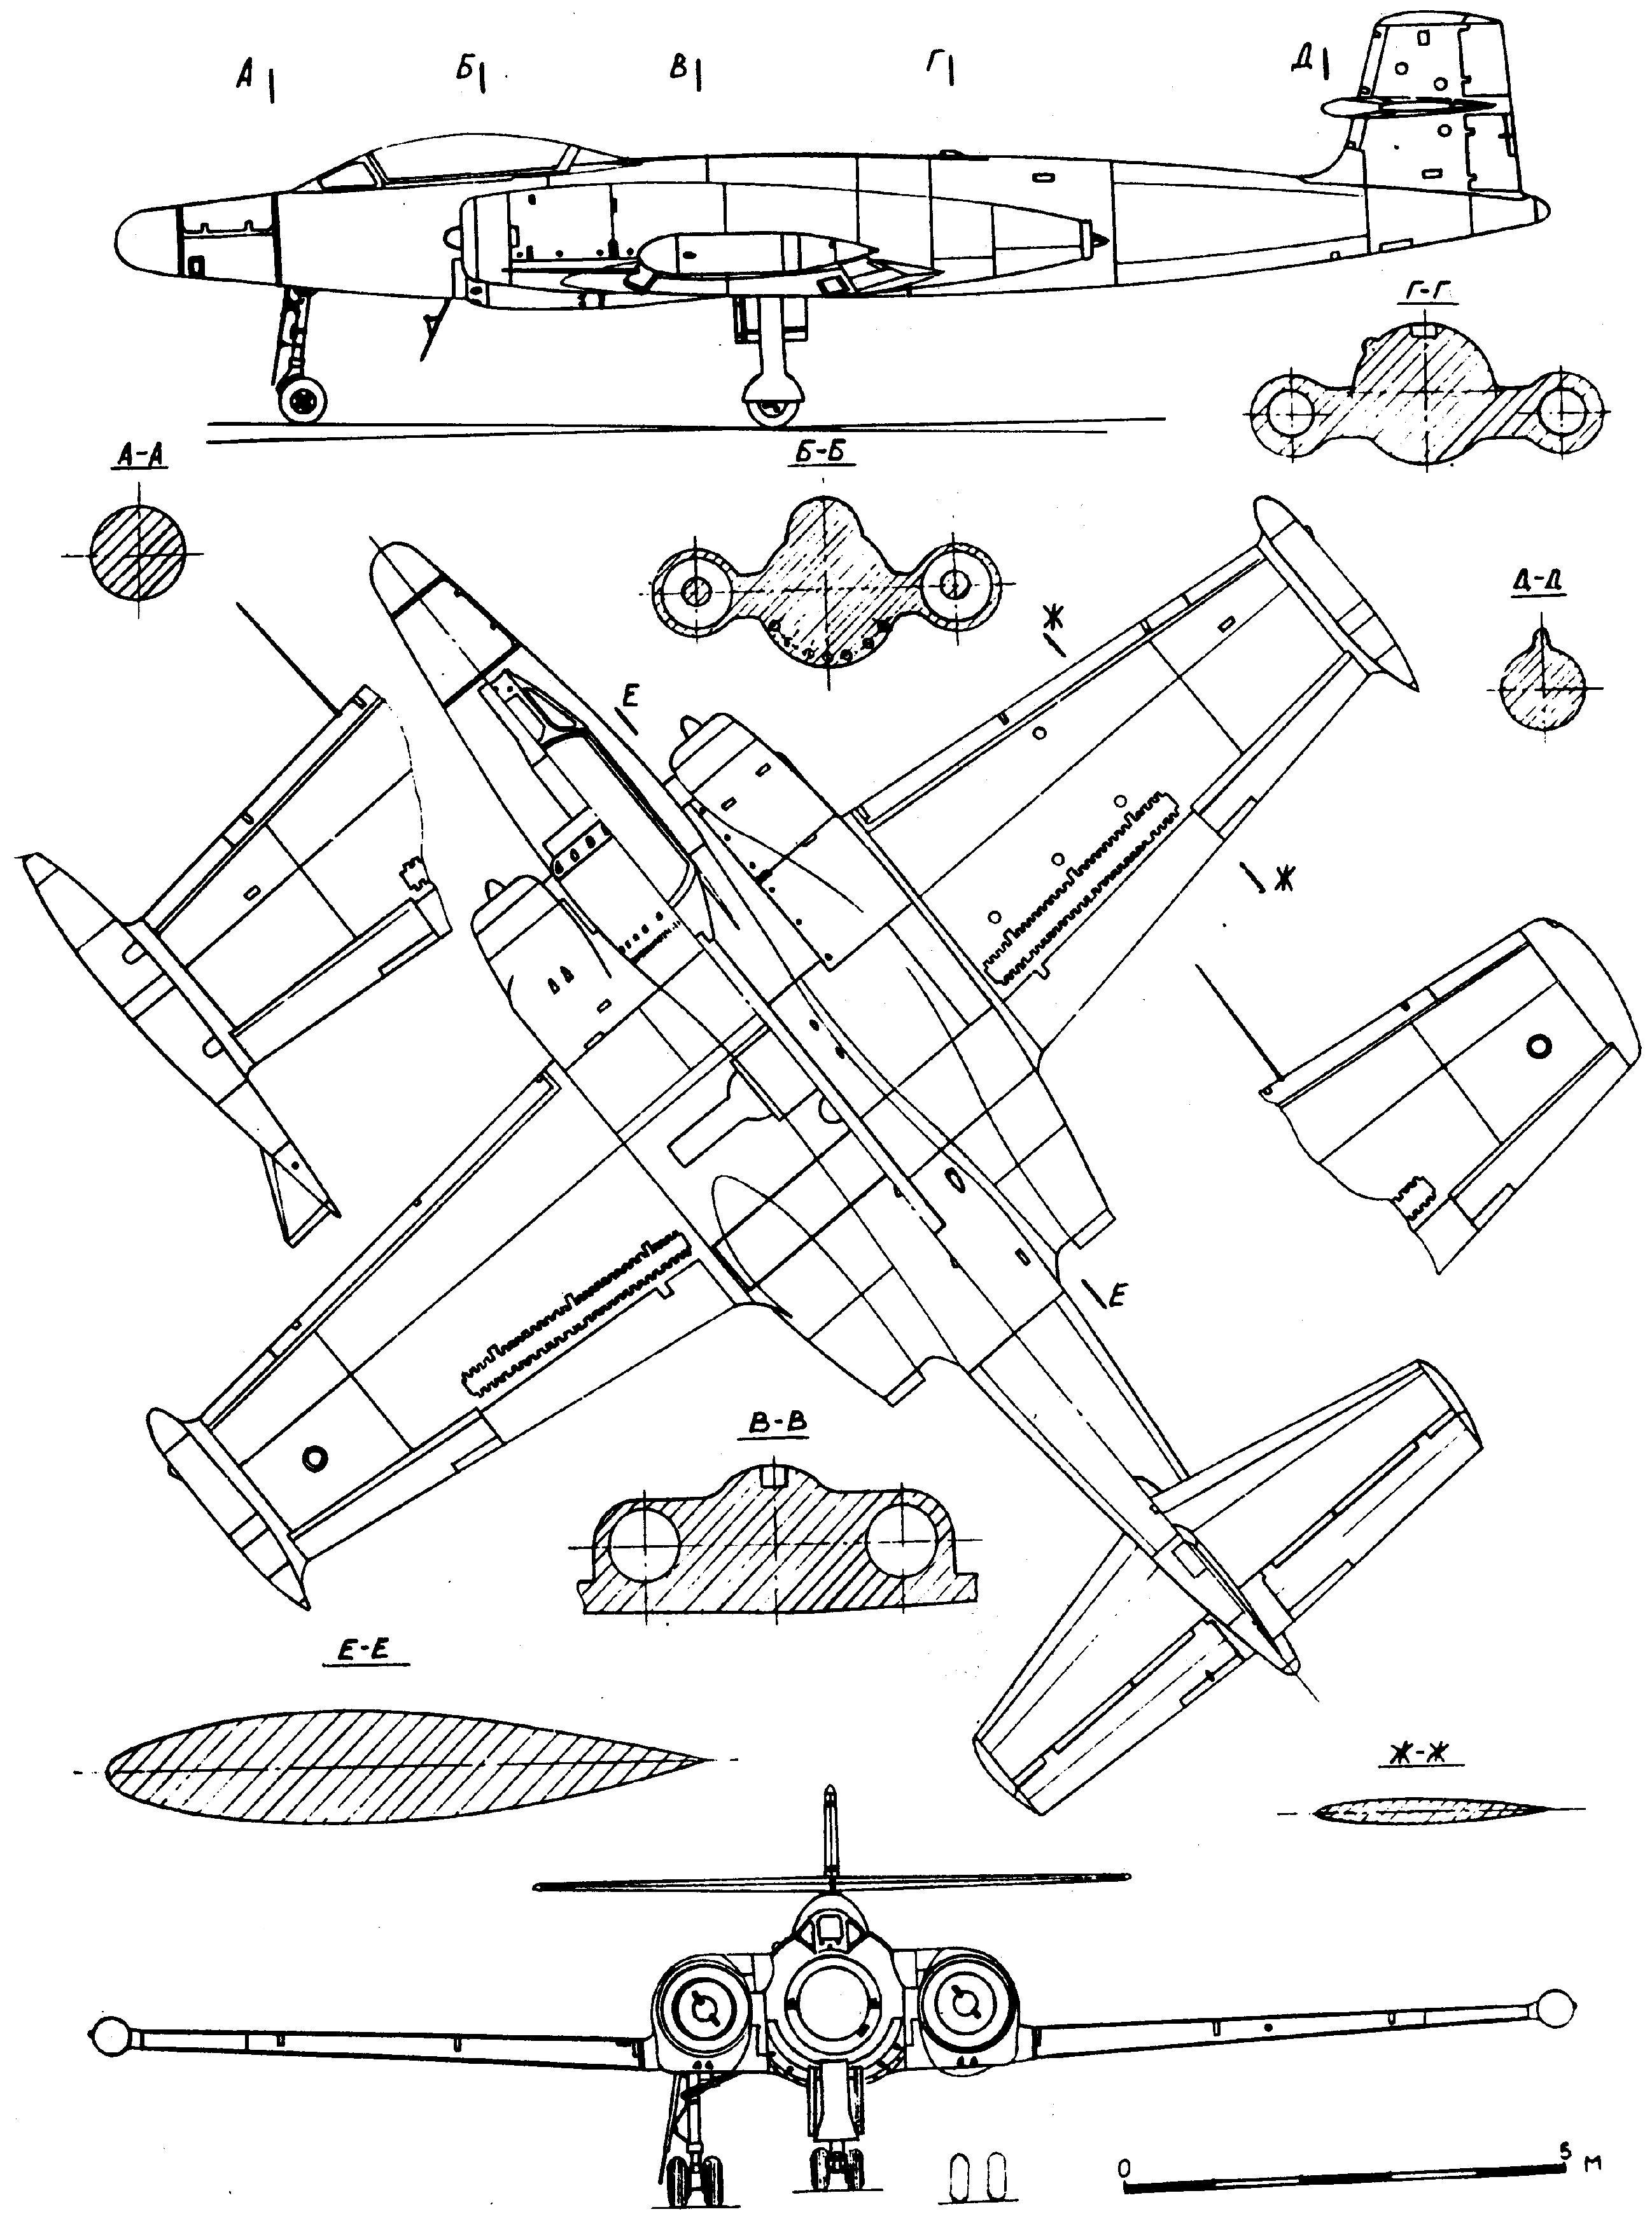 CF-100 Canuck blueprint